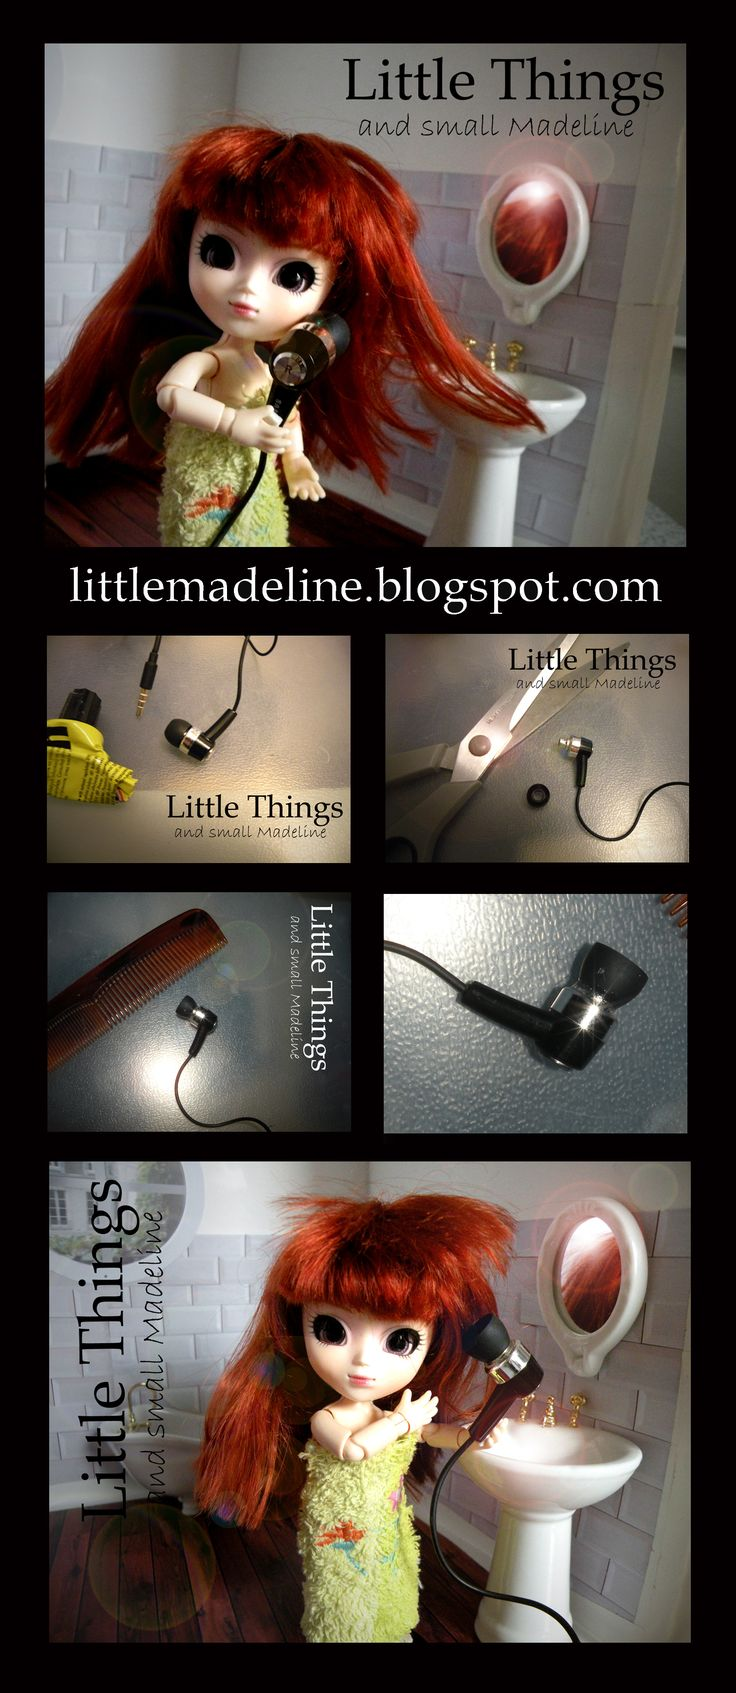 hair dryer for little pullip - miniatura 1:12